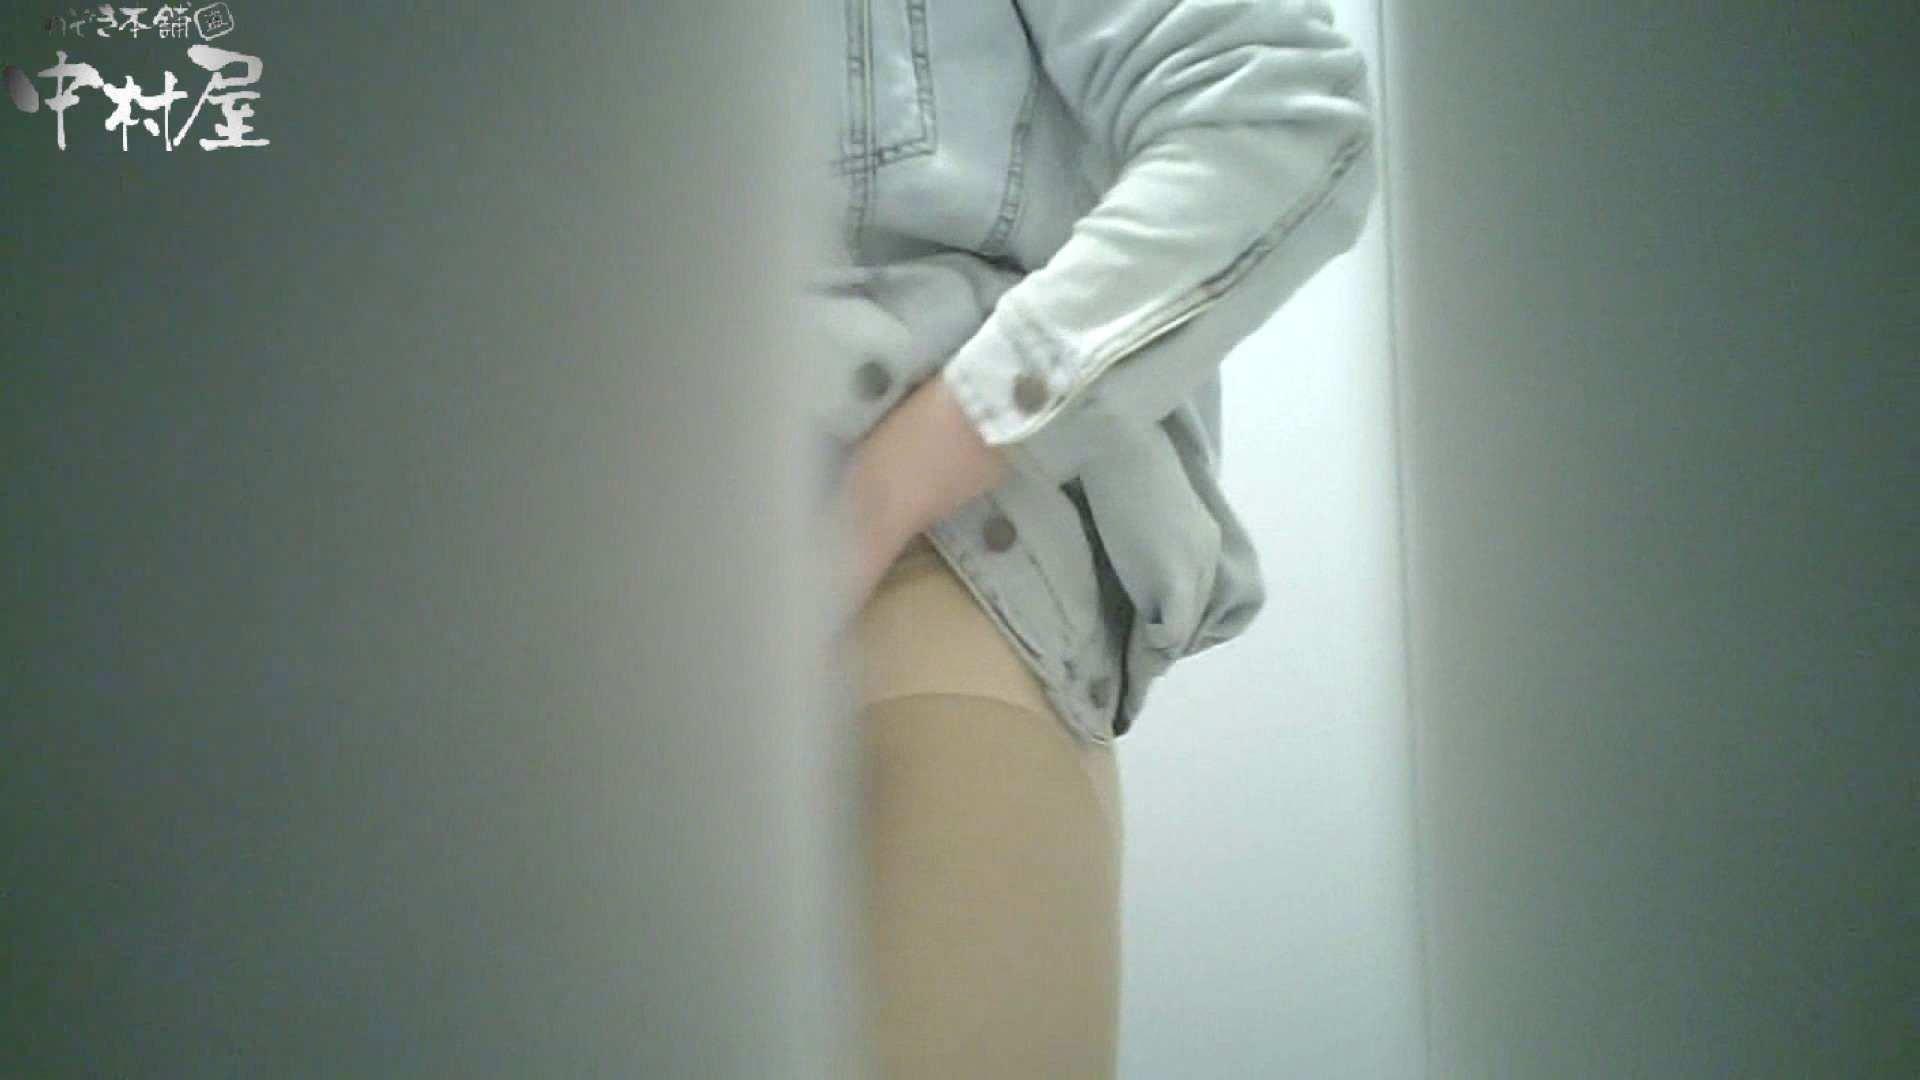 【某有名大学女性洗面所】有名大学女性洗面所 vol.35 安定の2カメ 最近の女性は保守的な下着が多め? 下着 すけべAV動画紹介 47連発 23